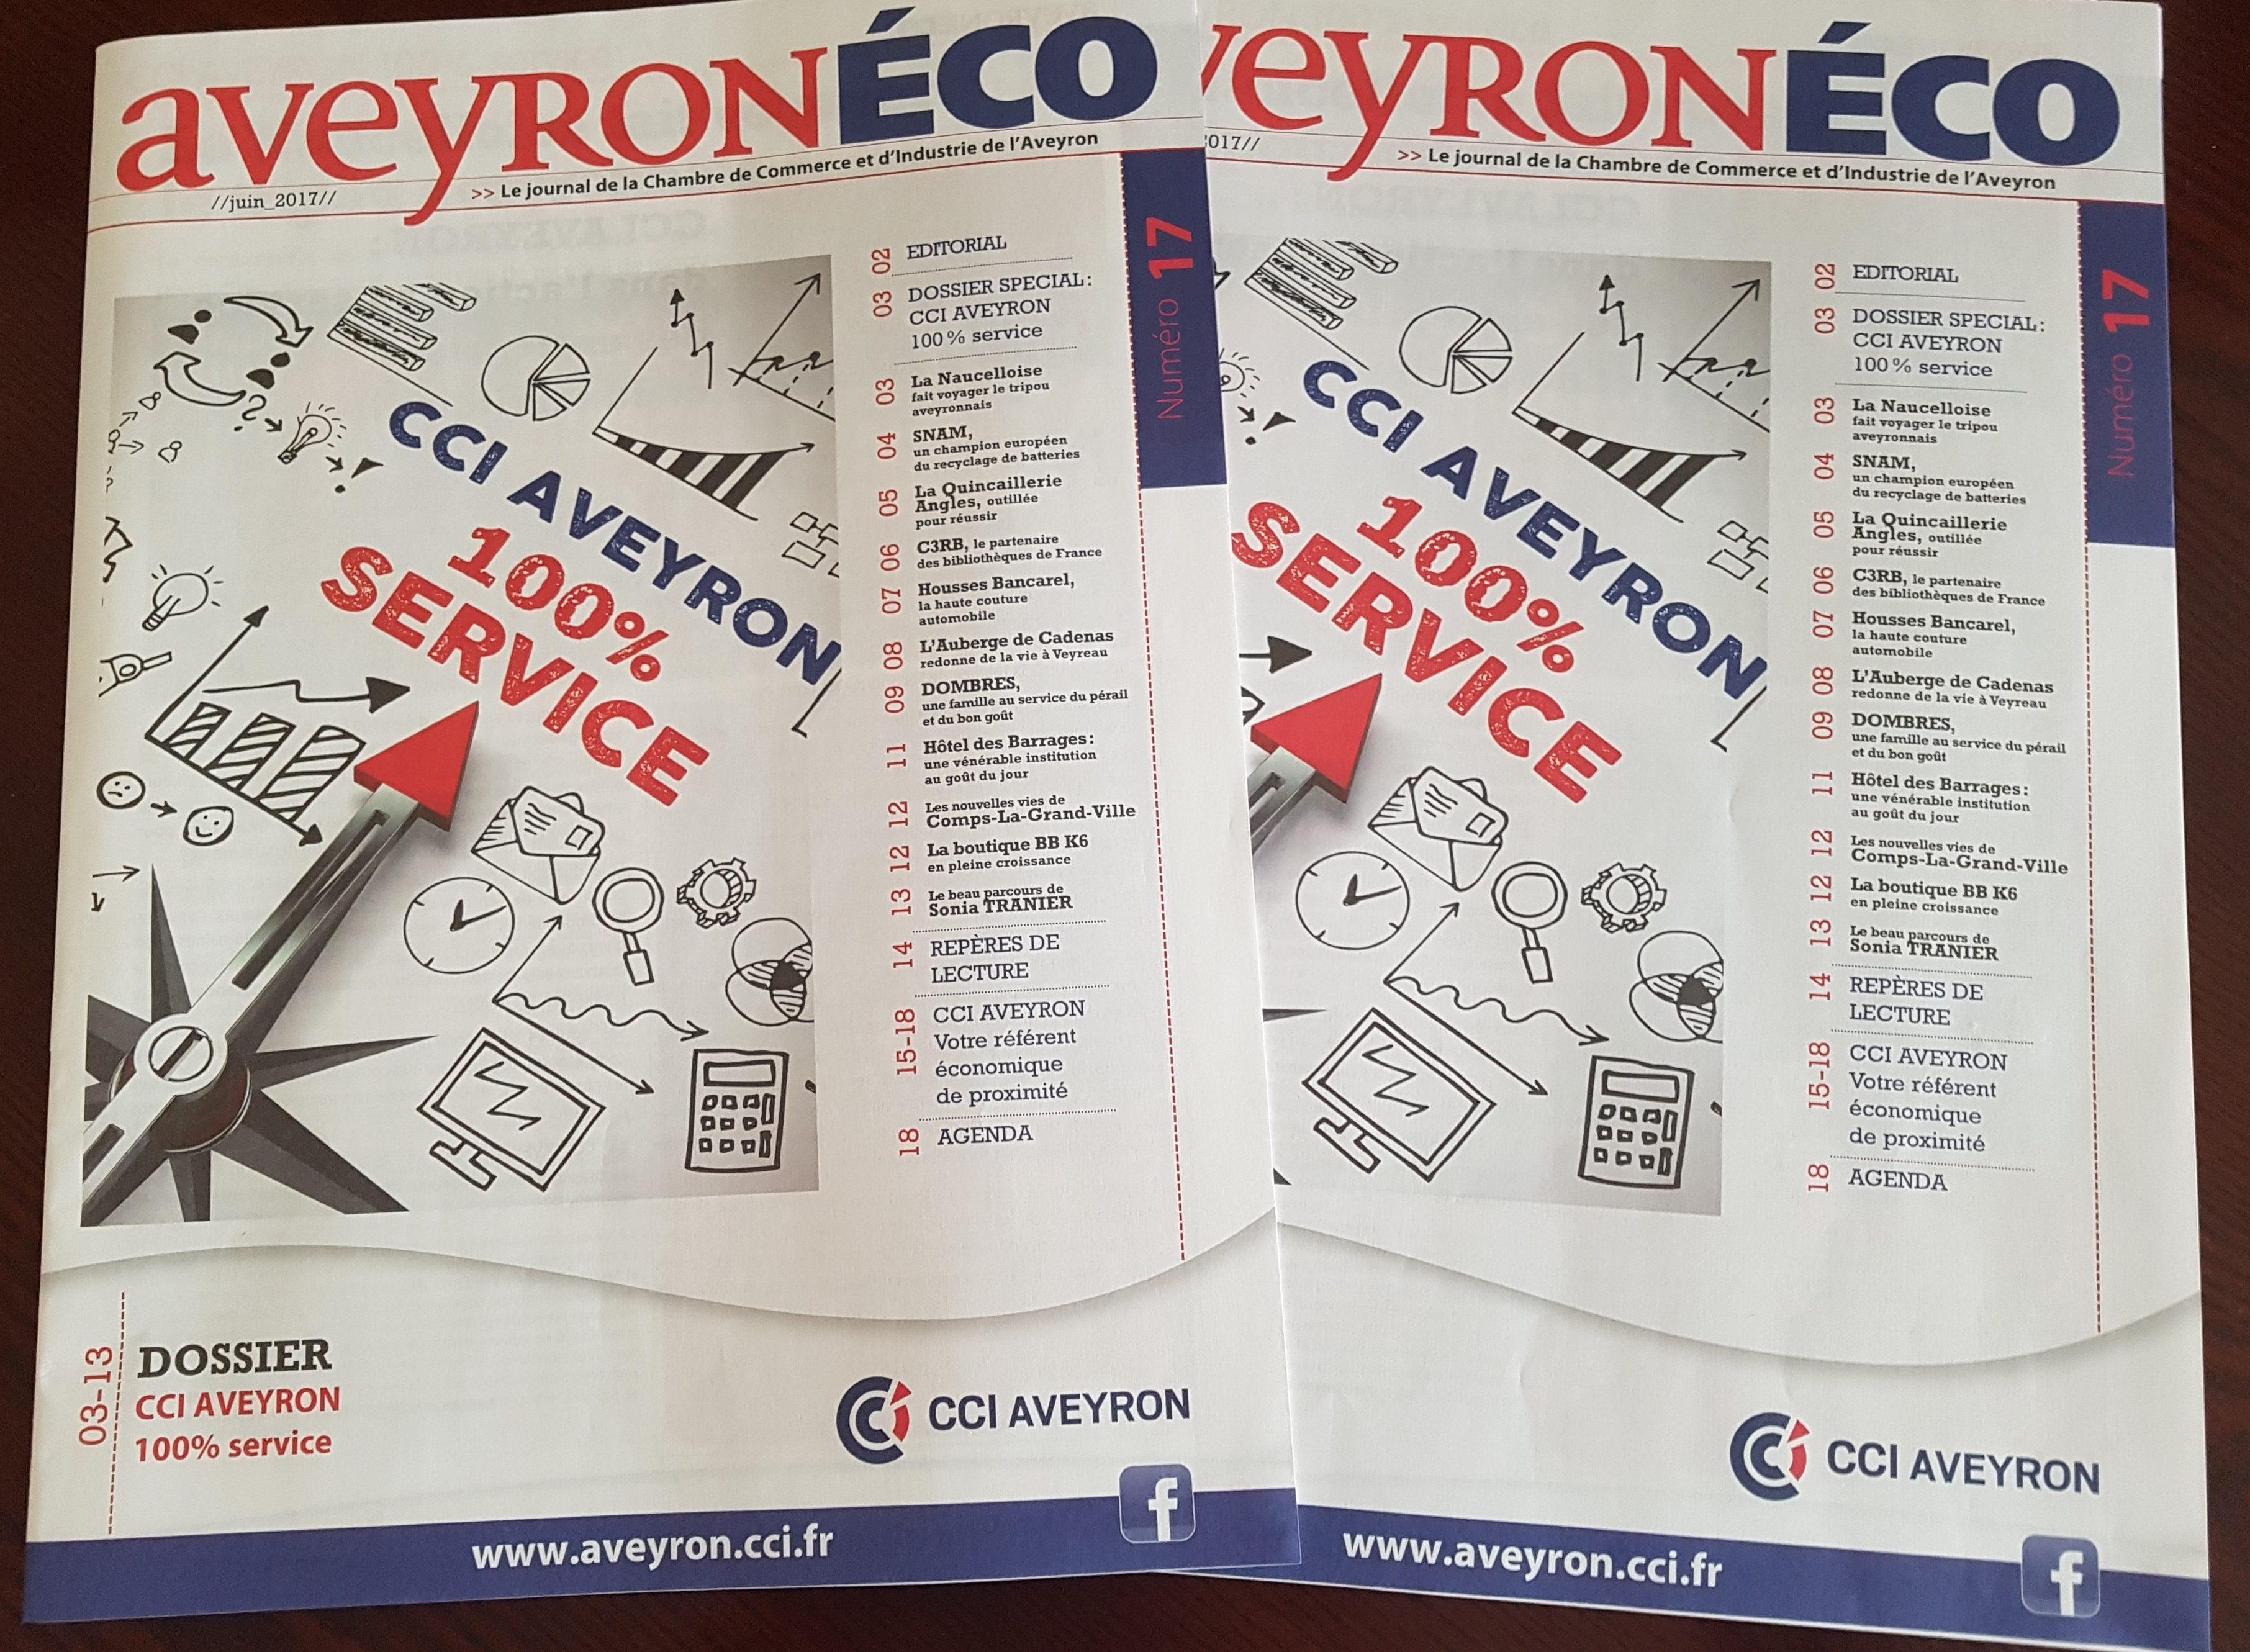 Aveyron eco n 17 est paru cci aveyron 100 service le blog cci aveyron - Le journal de l aveyron ...